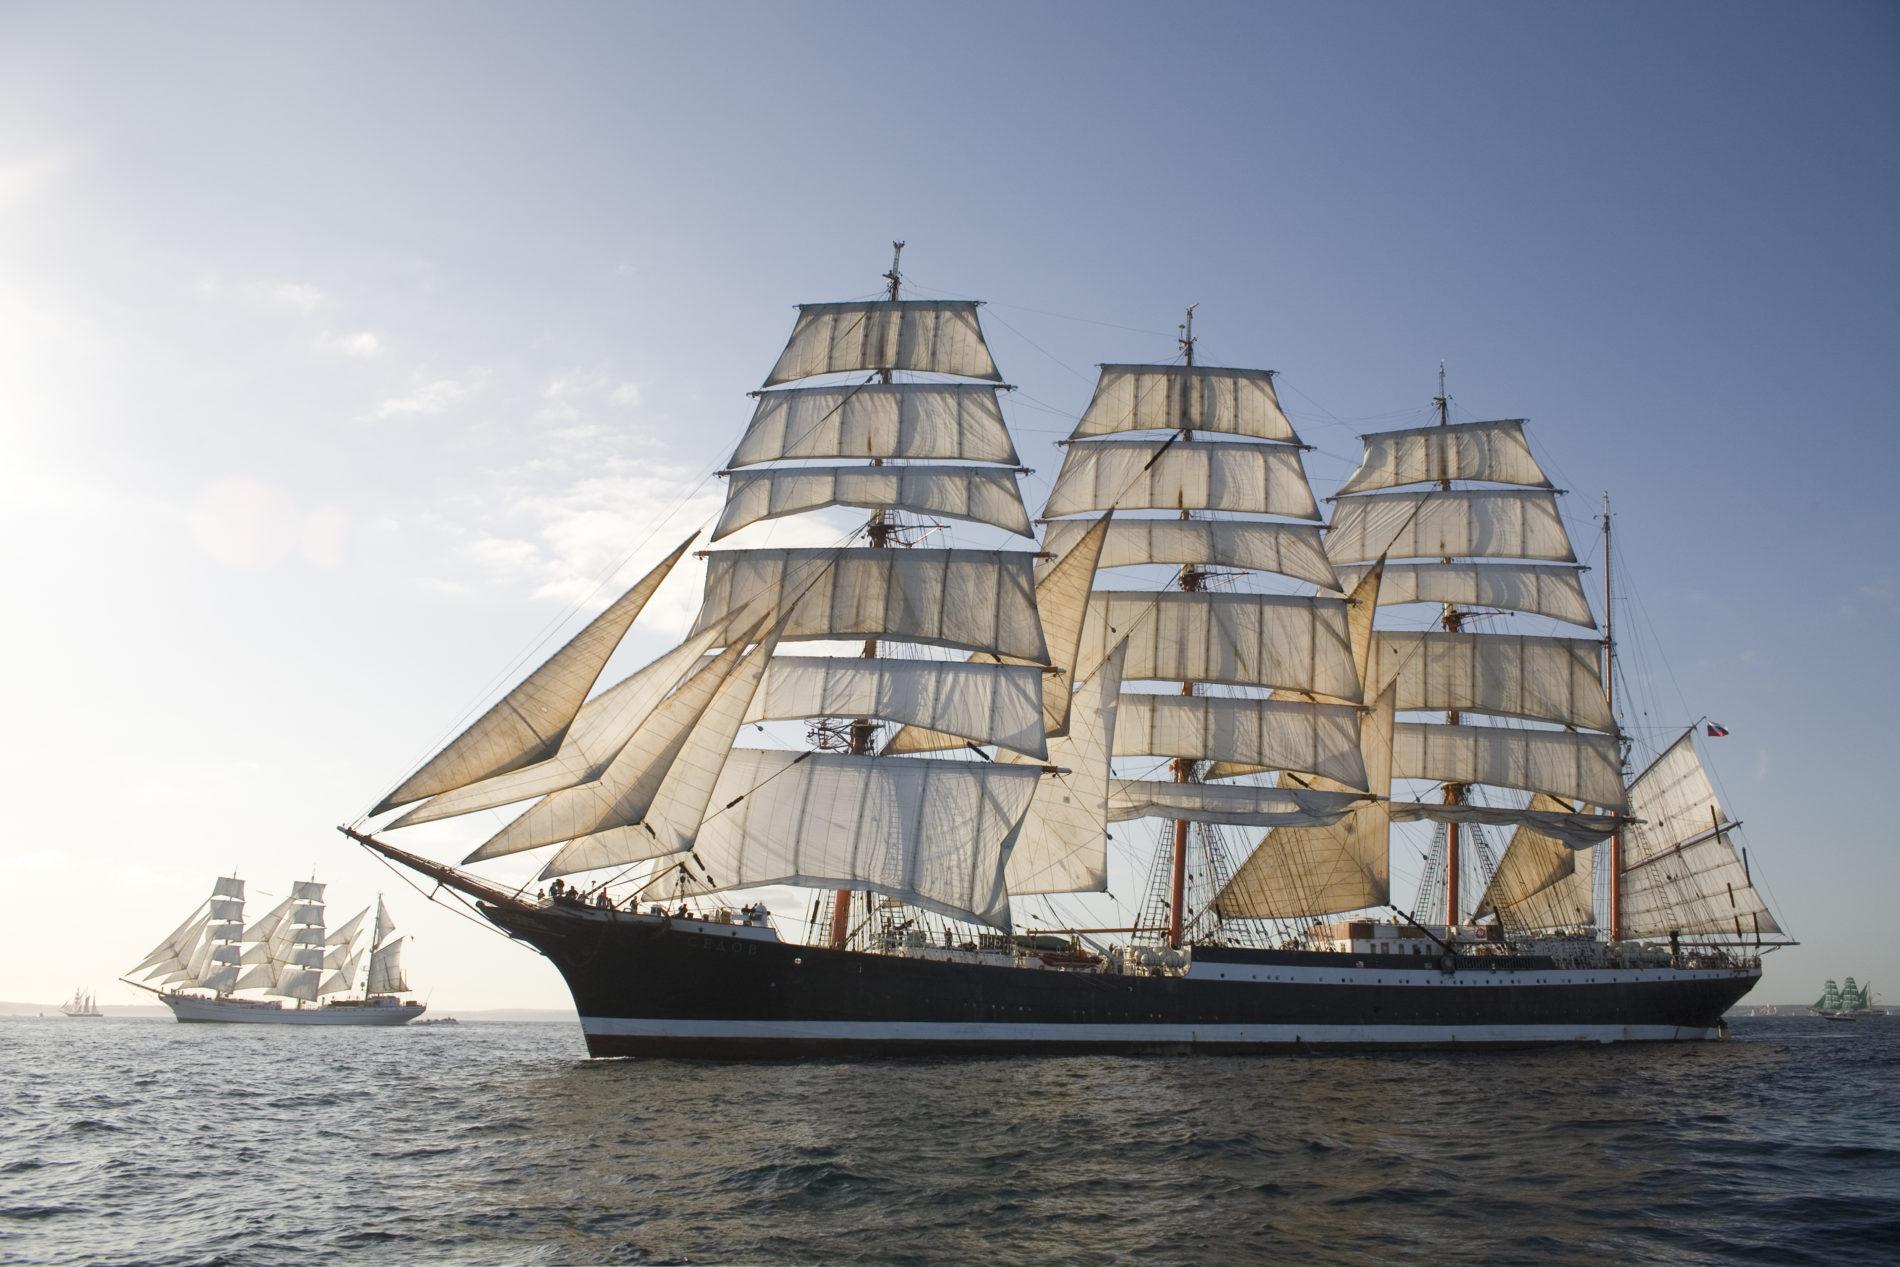 De bark Sedov ligt rustig in het water met schepen op de achtergrond